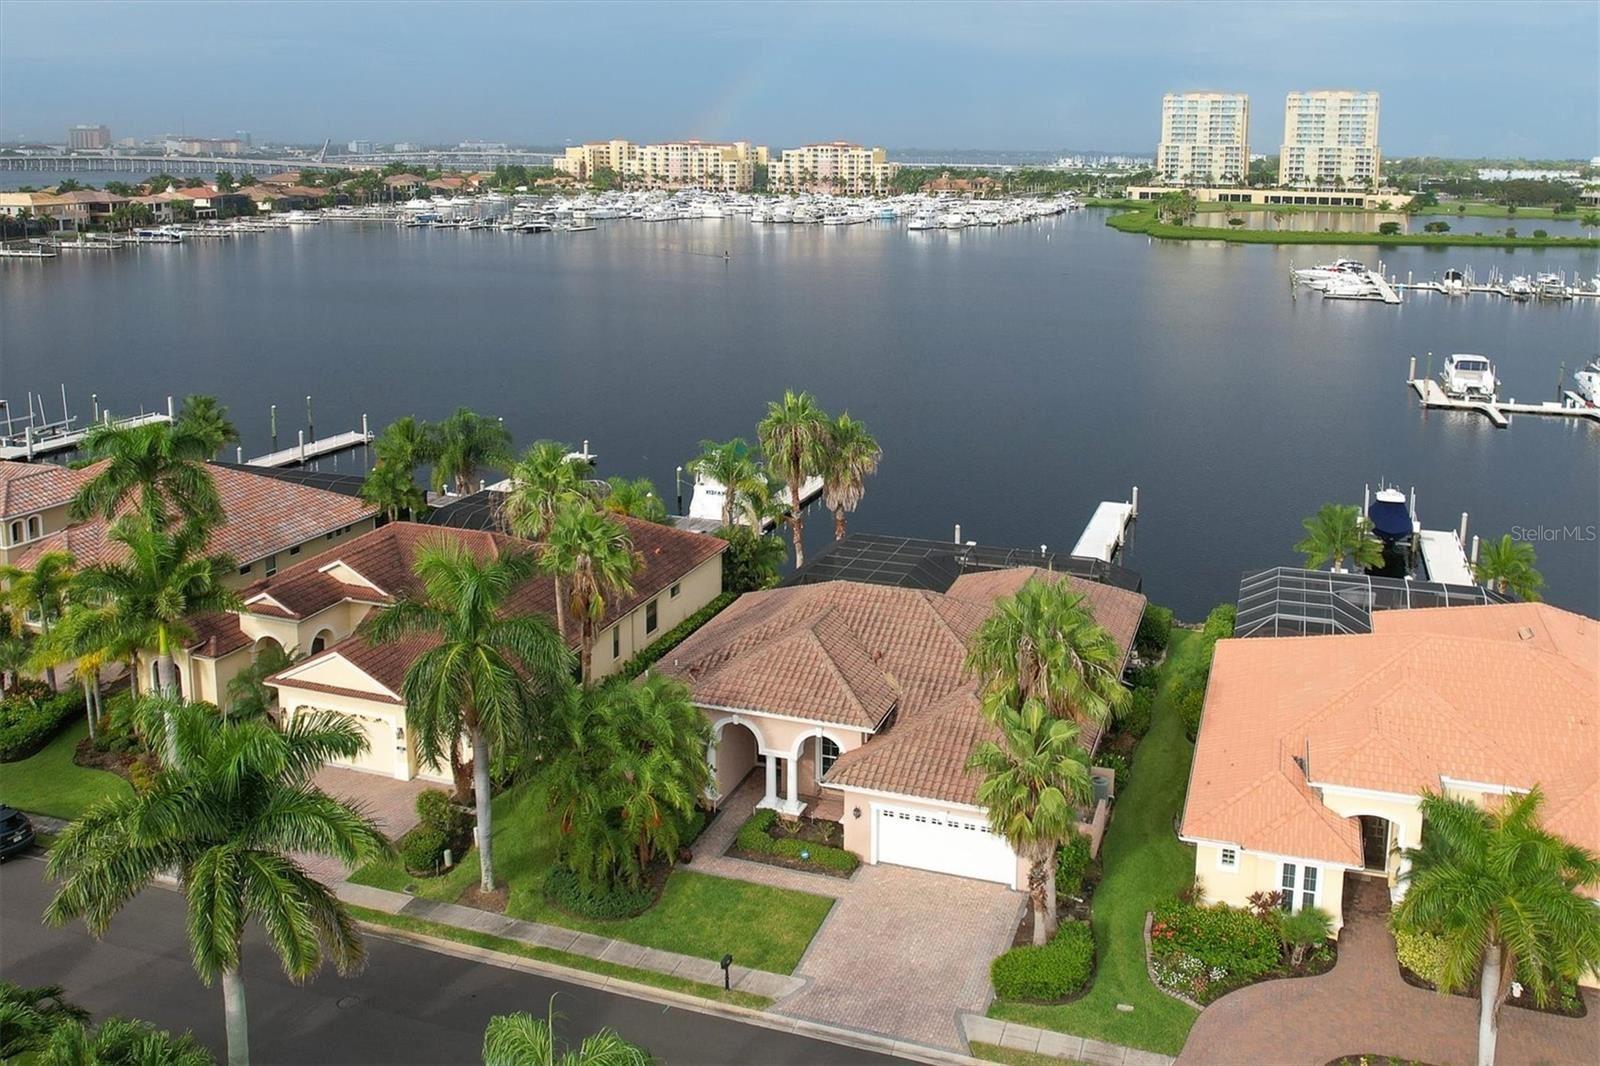 Photo of 129 12TH AVENUE E, PALMETTO, FL 34221 (MLS # A4512358)